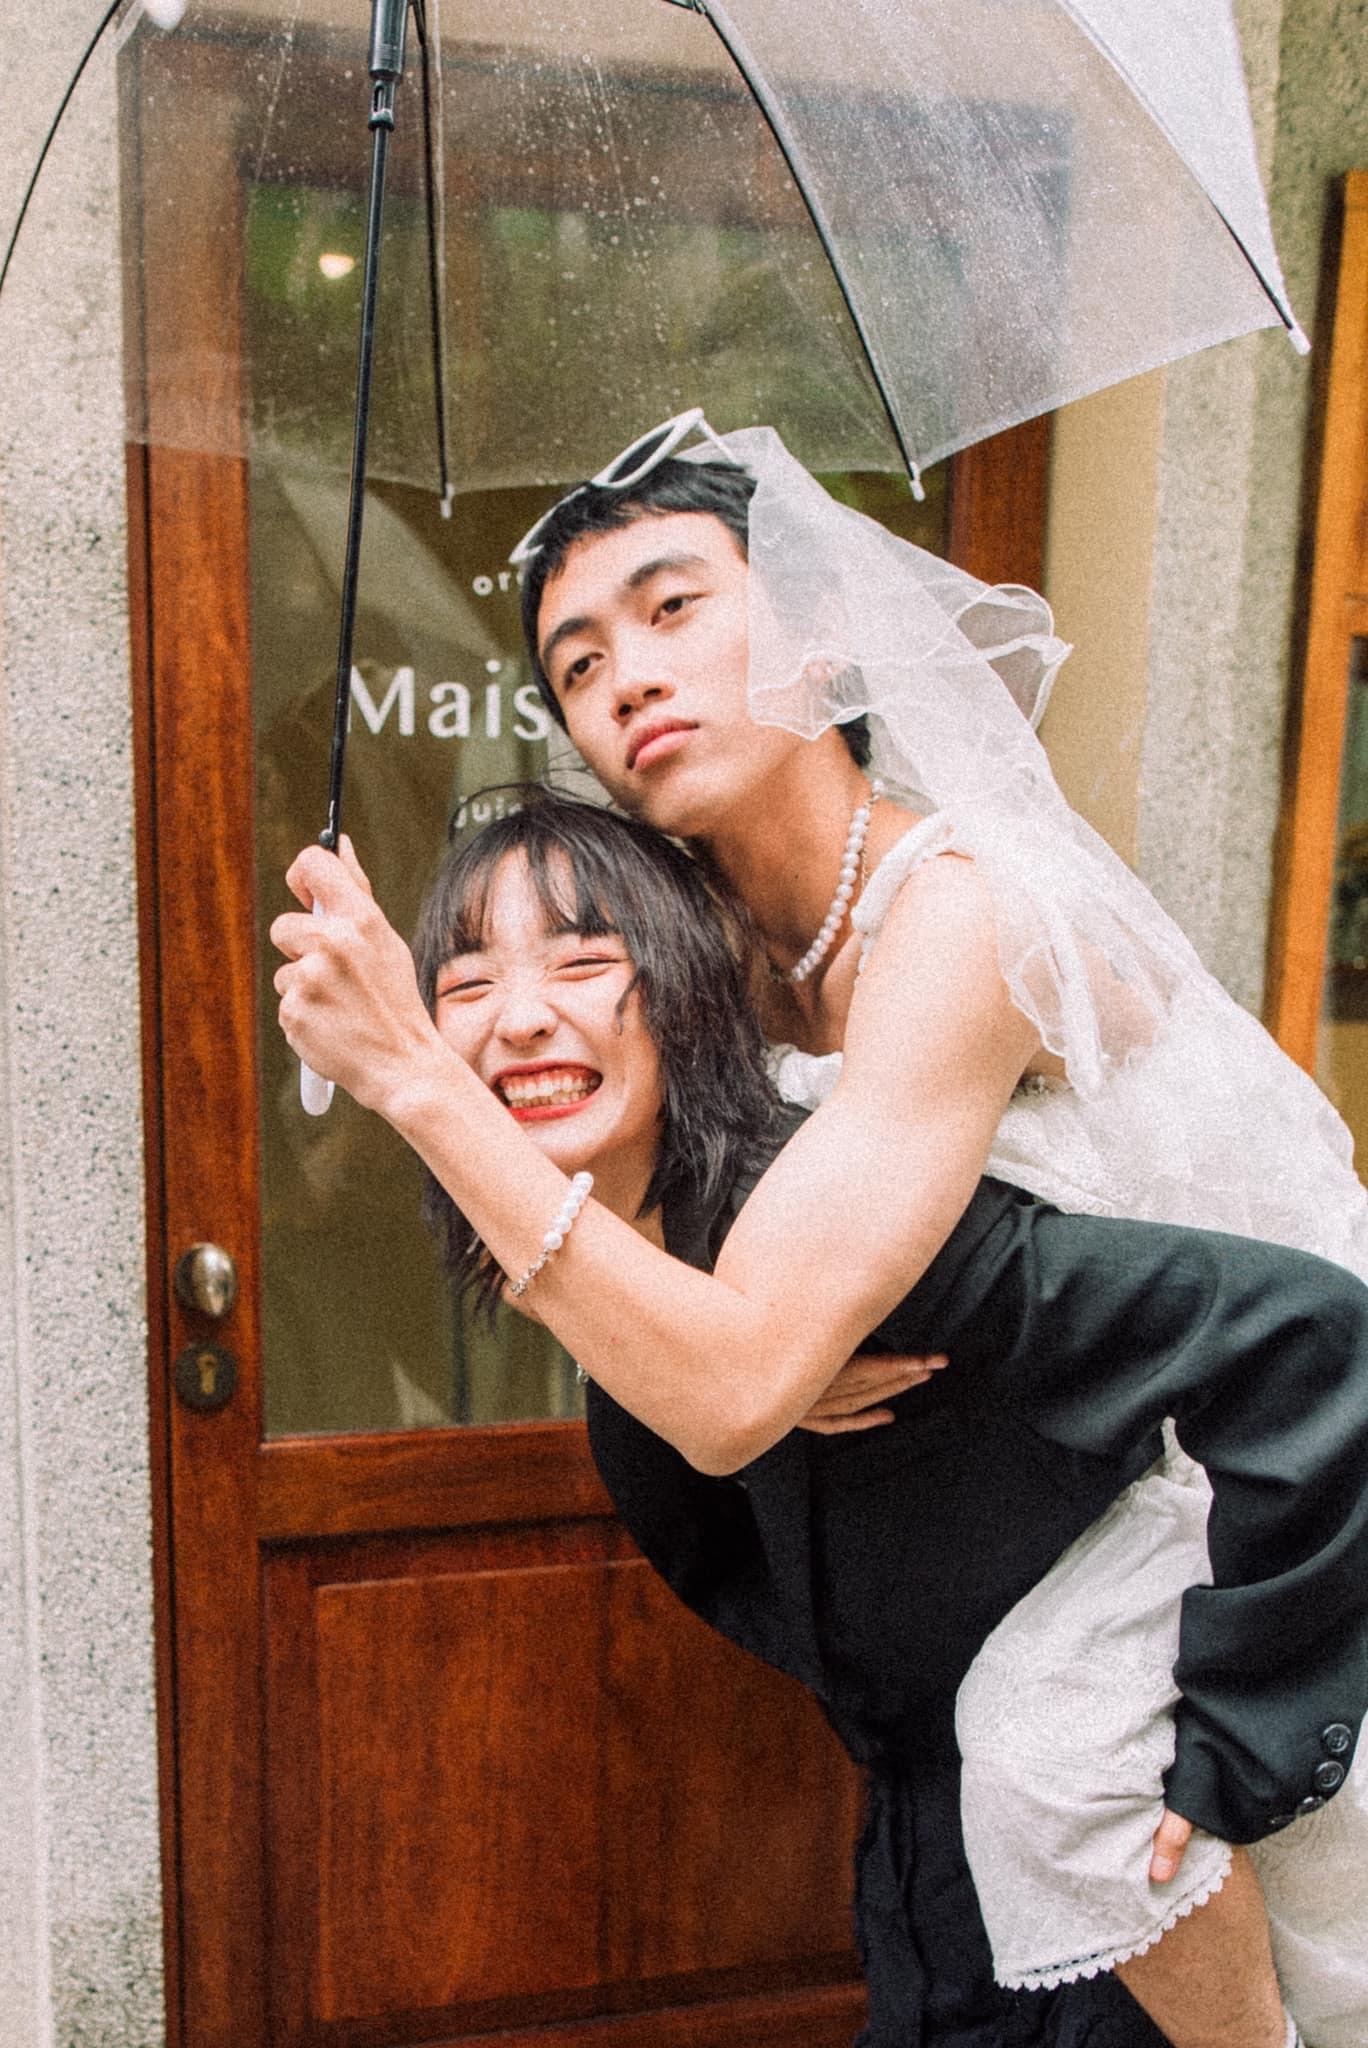 Mới lạ ảnh cưới 'hoán đổi' cô dâu chú rể của cặp đôi yêu xa